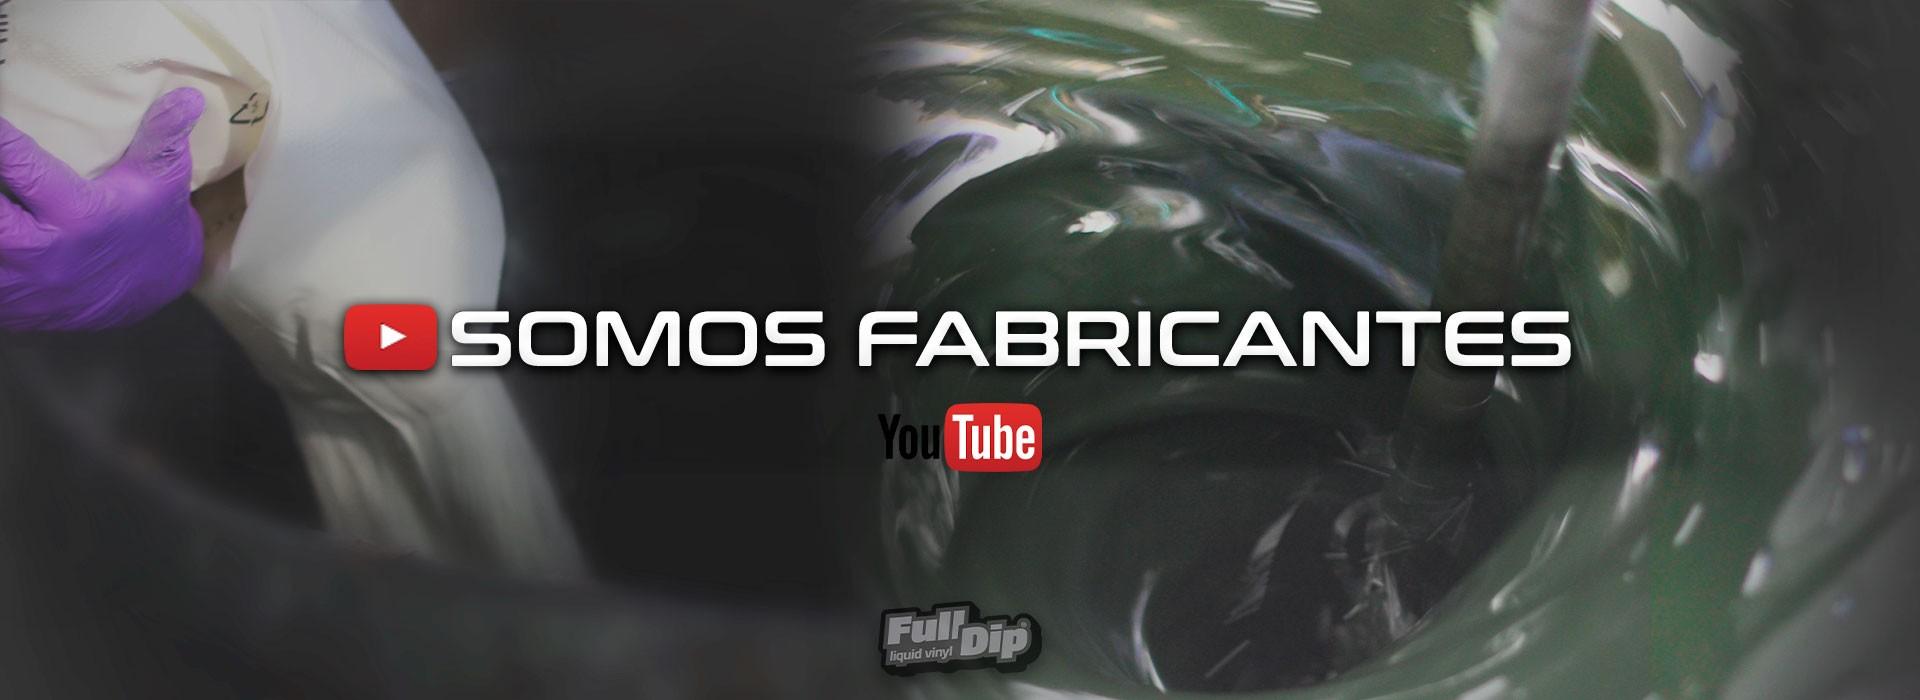 SOMOS FABRICANTES | FullDip®